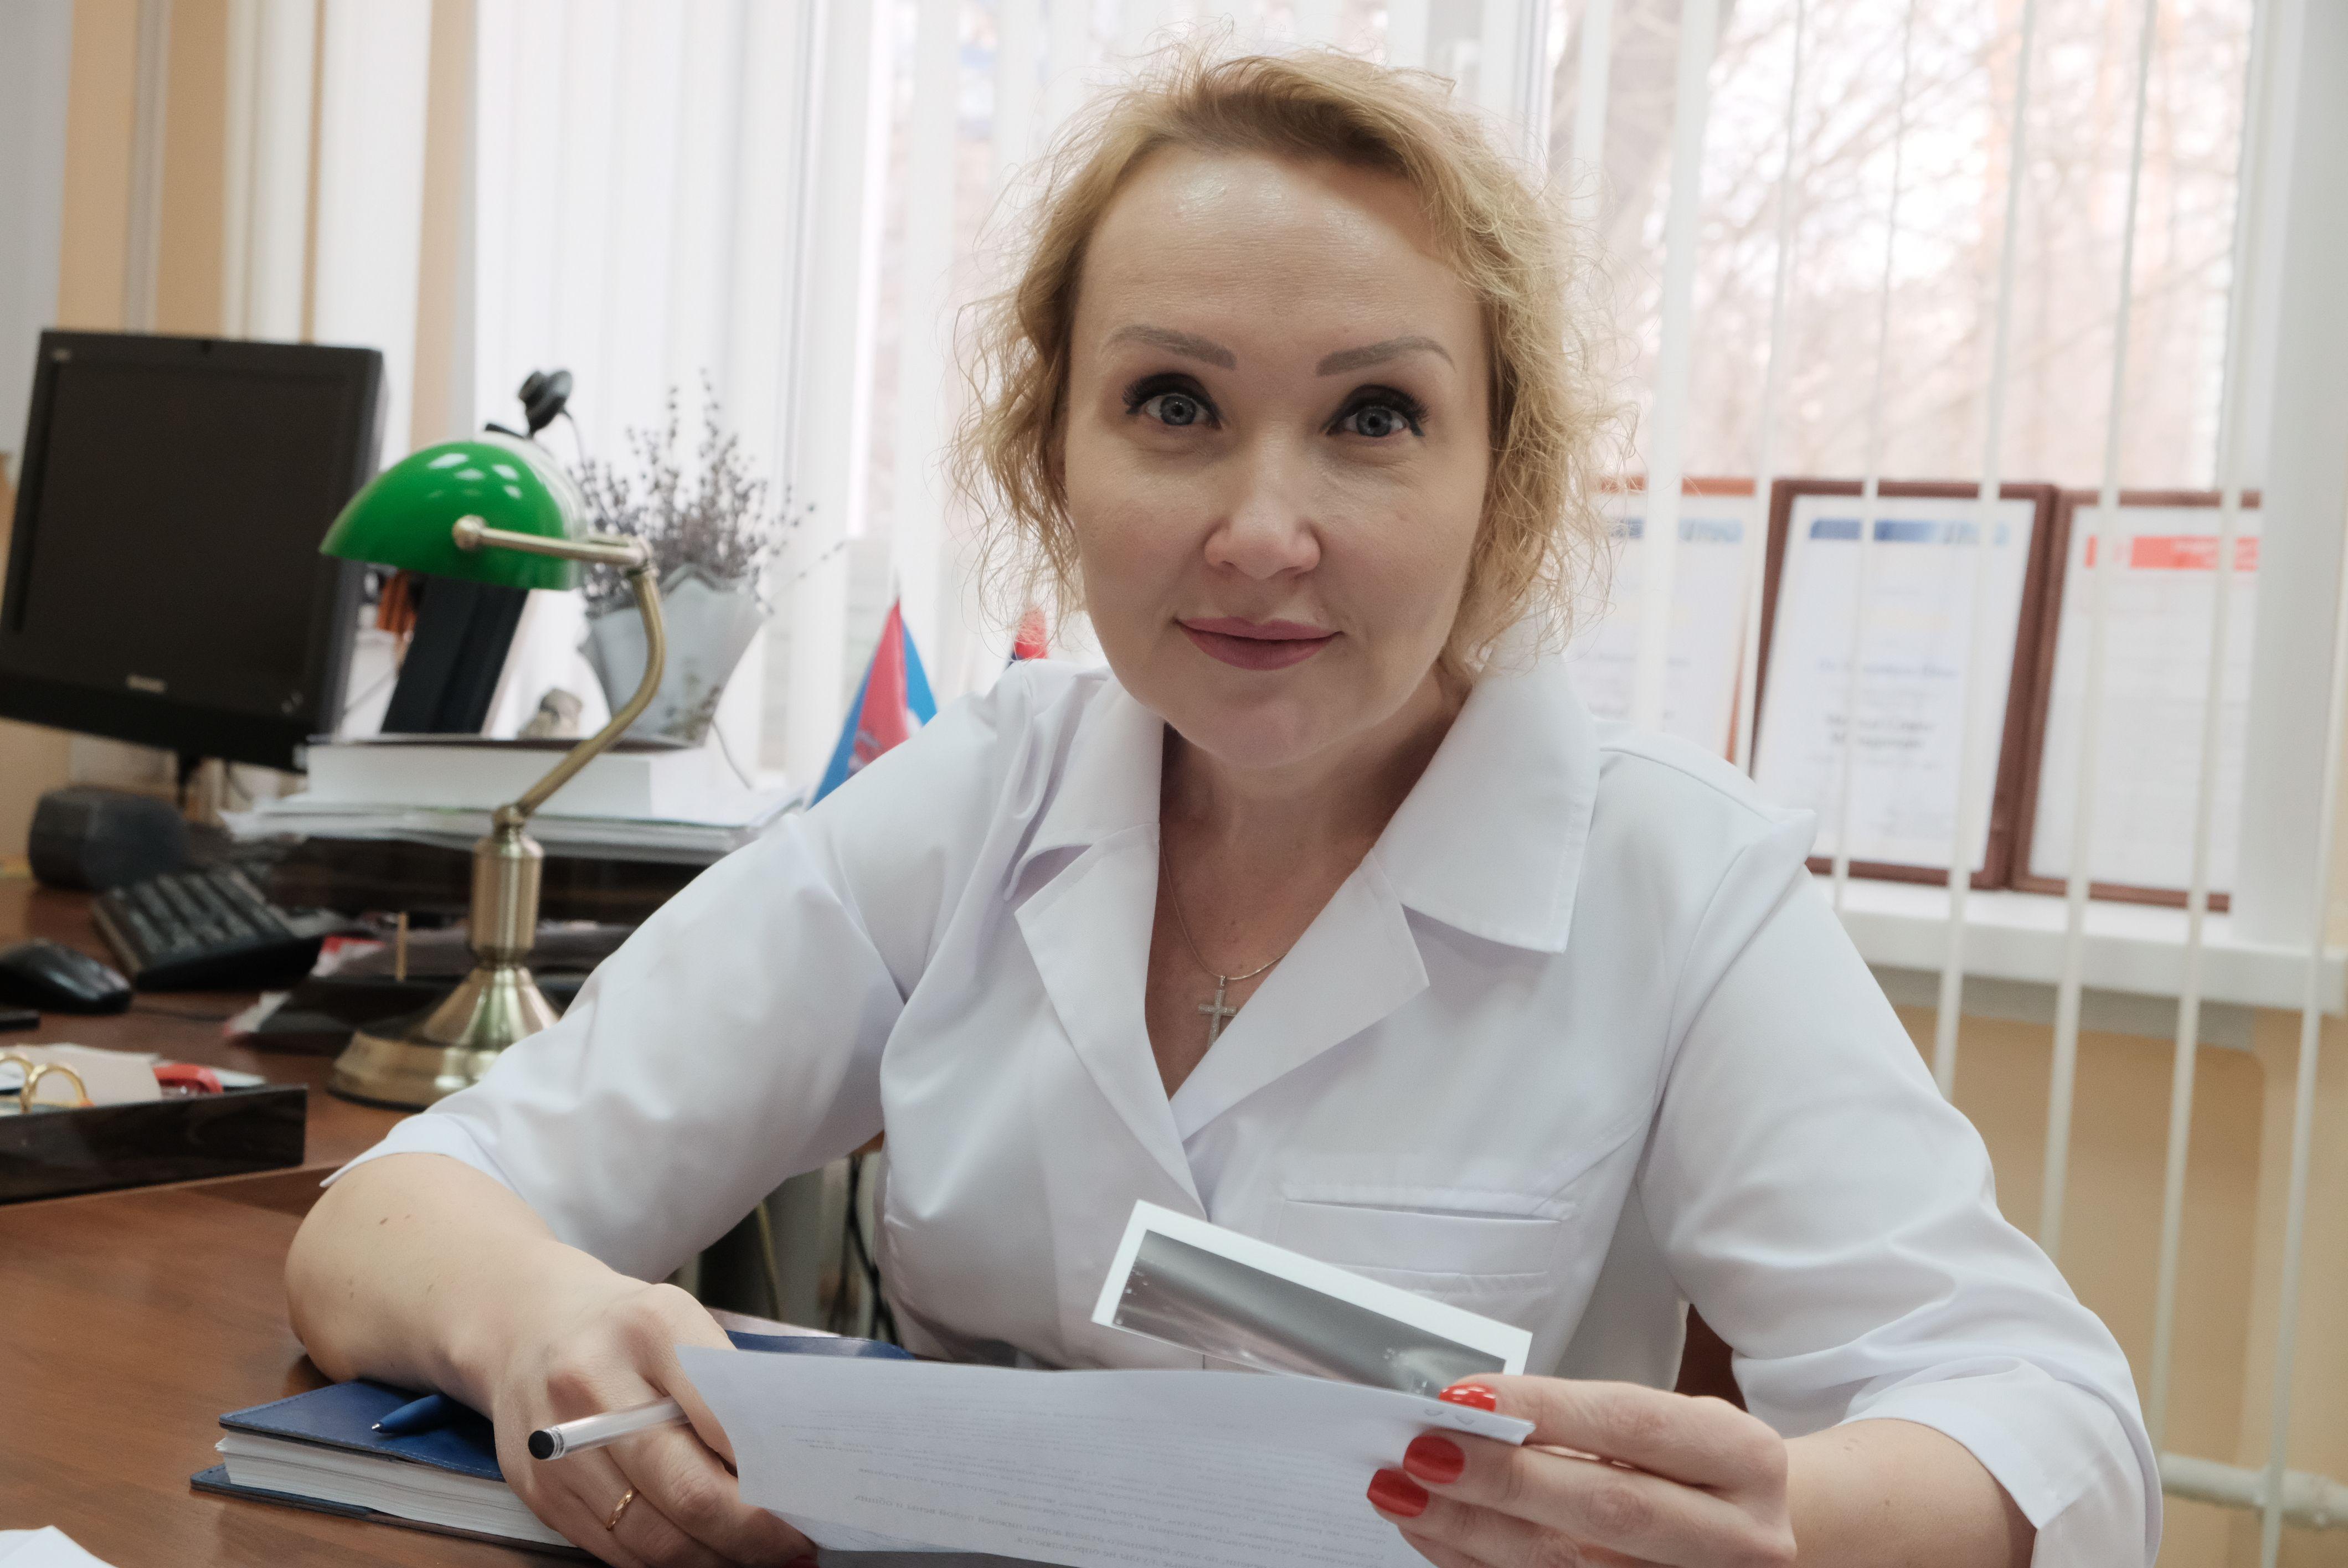 Жителей Москвы пригласили пройти обследование на рак кожи